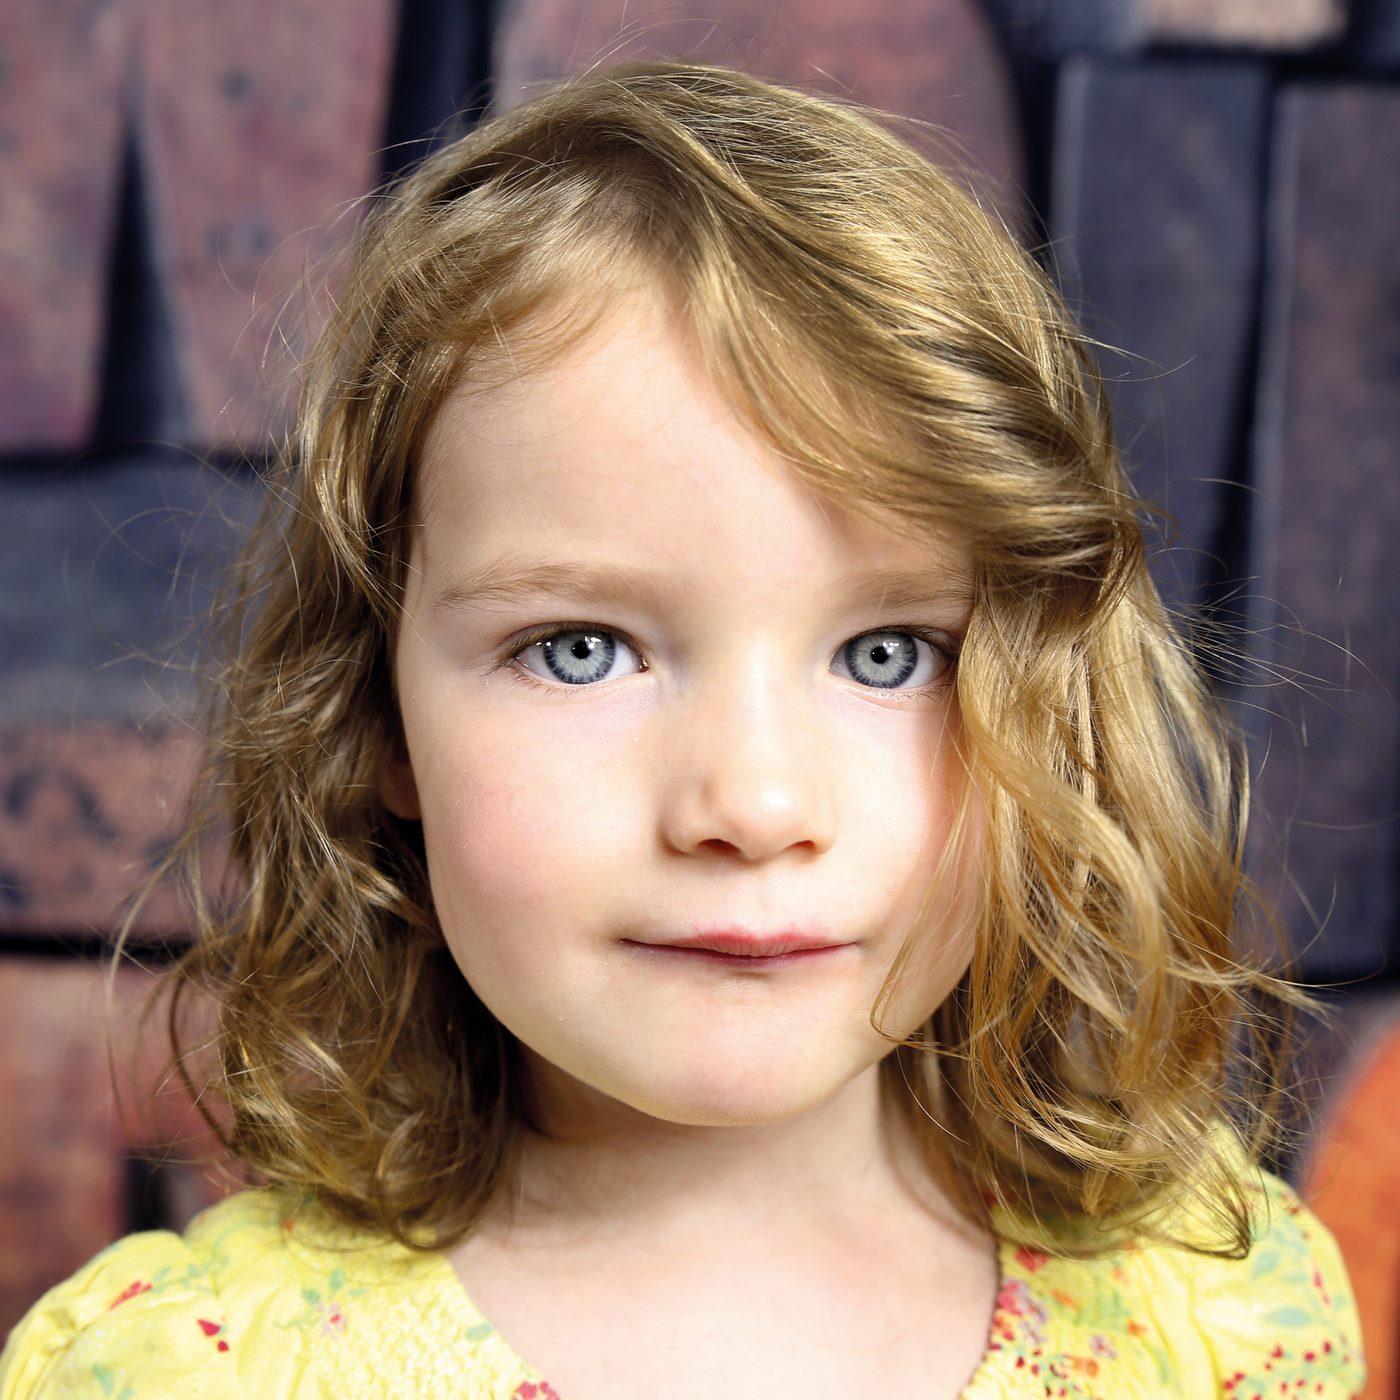 Nahaufnahme Mädchen beim Kindergarten Fotoshooting